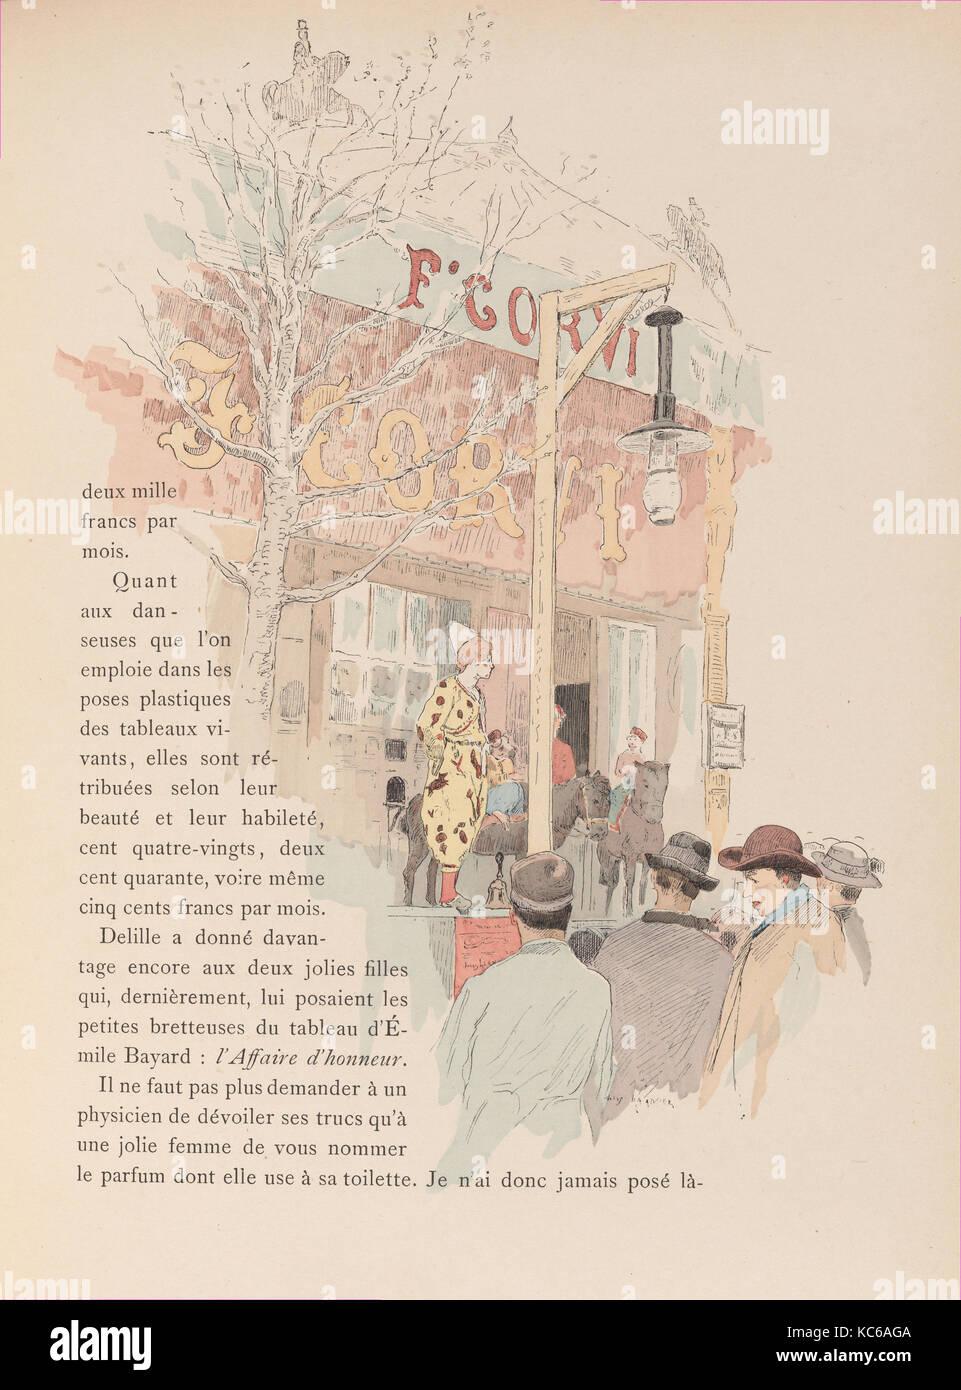 Les jeux du cirque et la vie foraine, 1889, Paris, France, v, 250 pages : illustrations(some color), color portraits - Stock Image